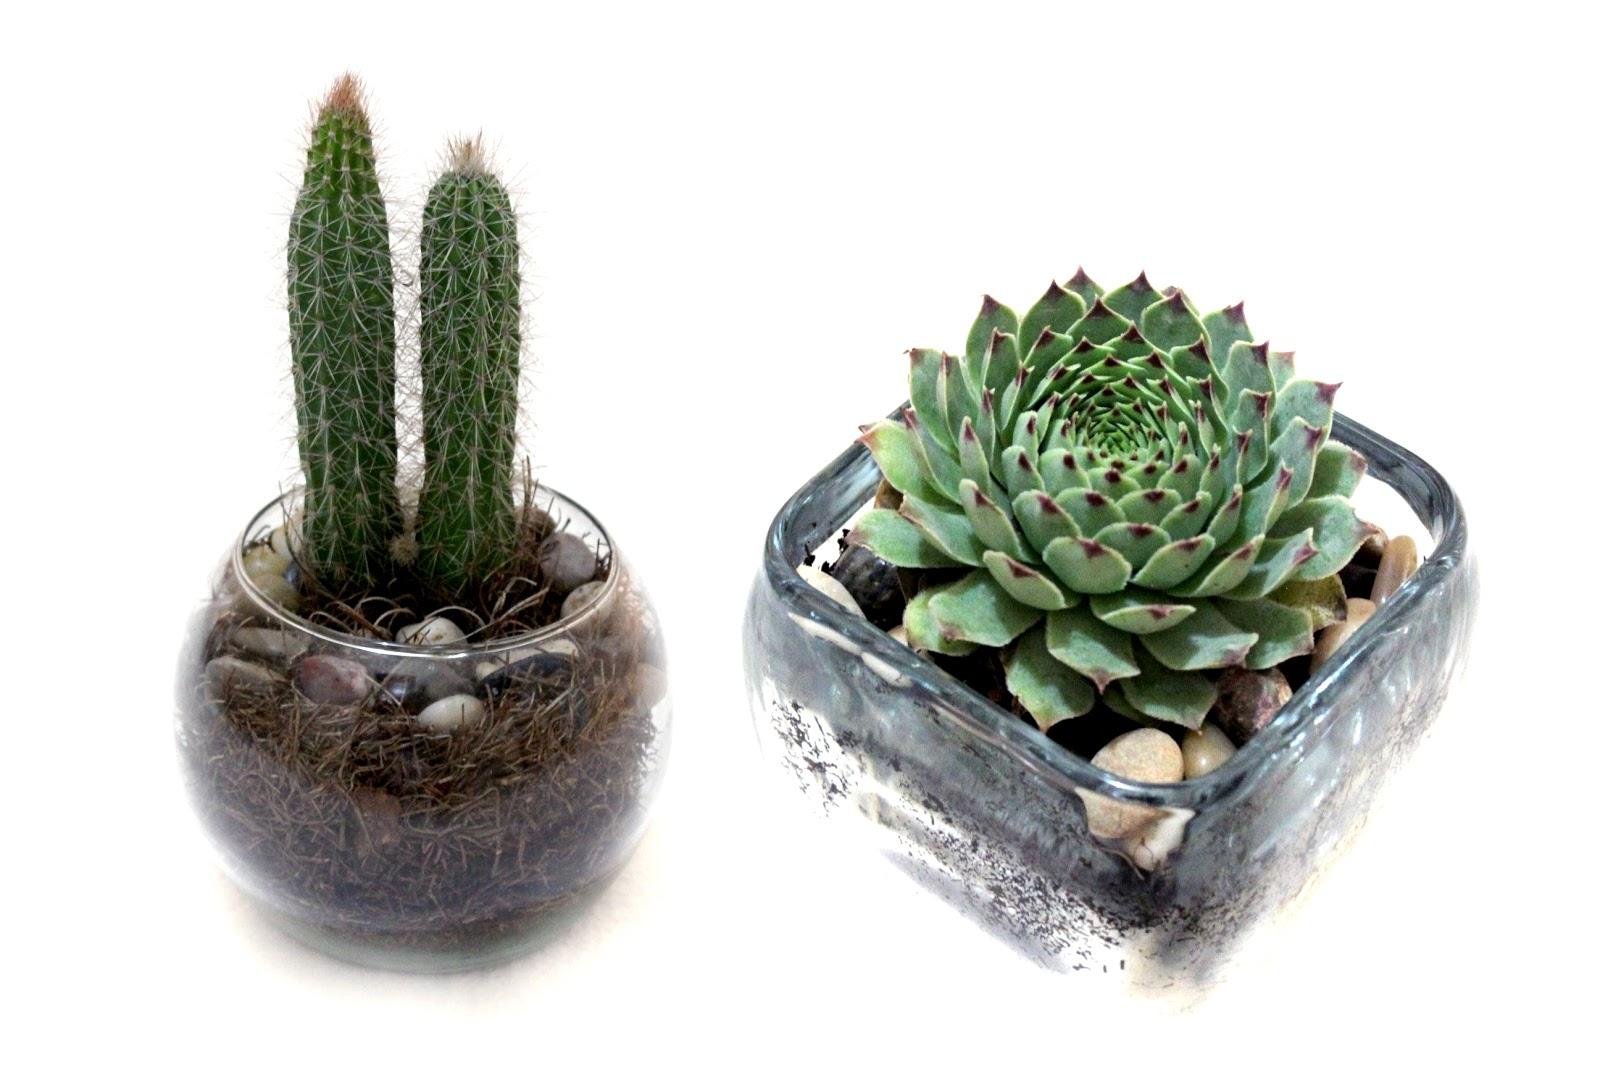 regala una planta regala vida quiz ustedes no lo saben an pero soy una fantica de todo tipo de plantas en especial de las plantas desrticas ya que